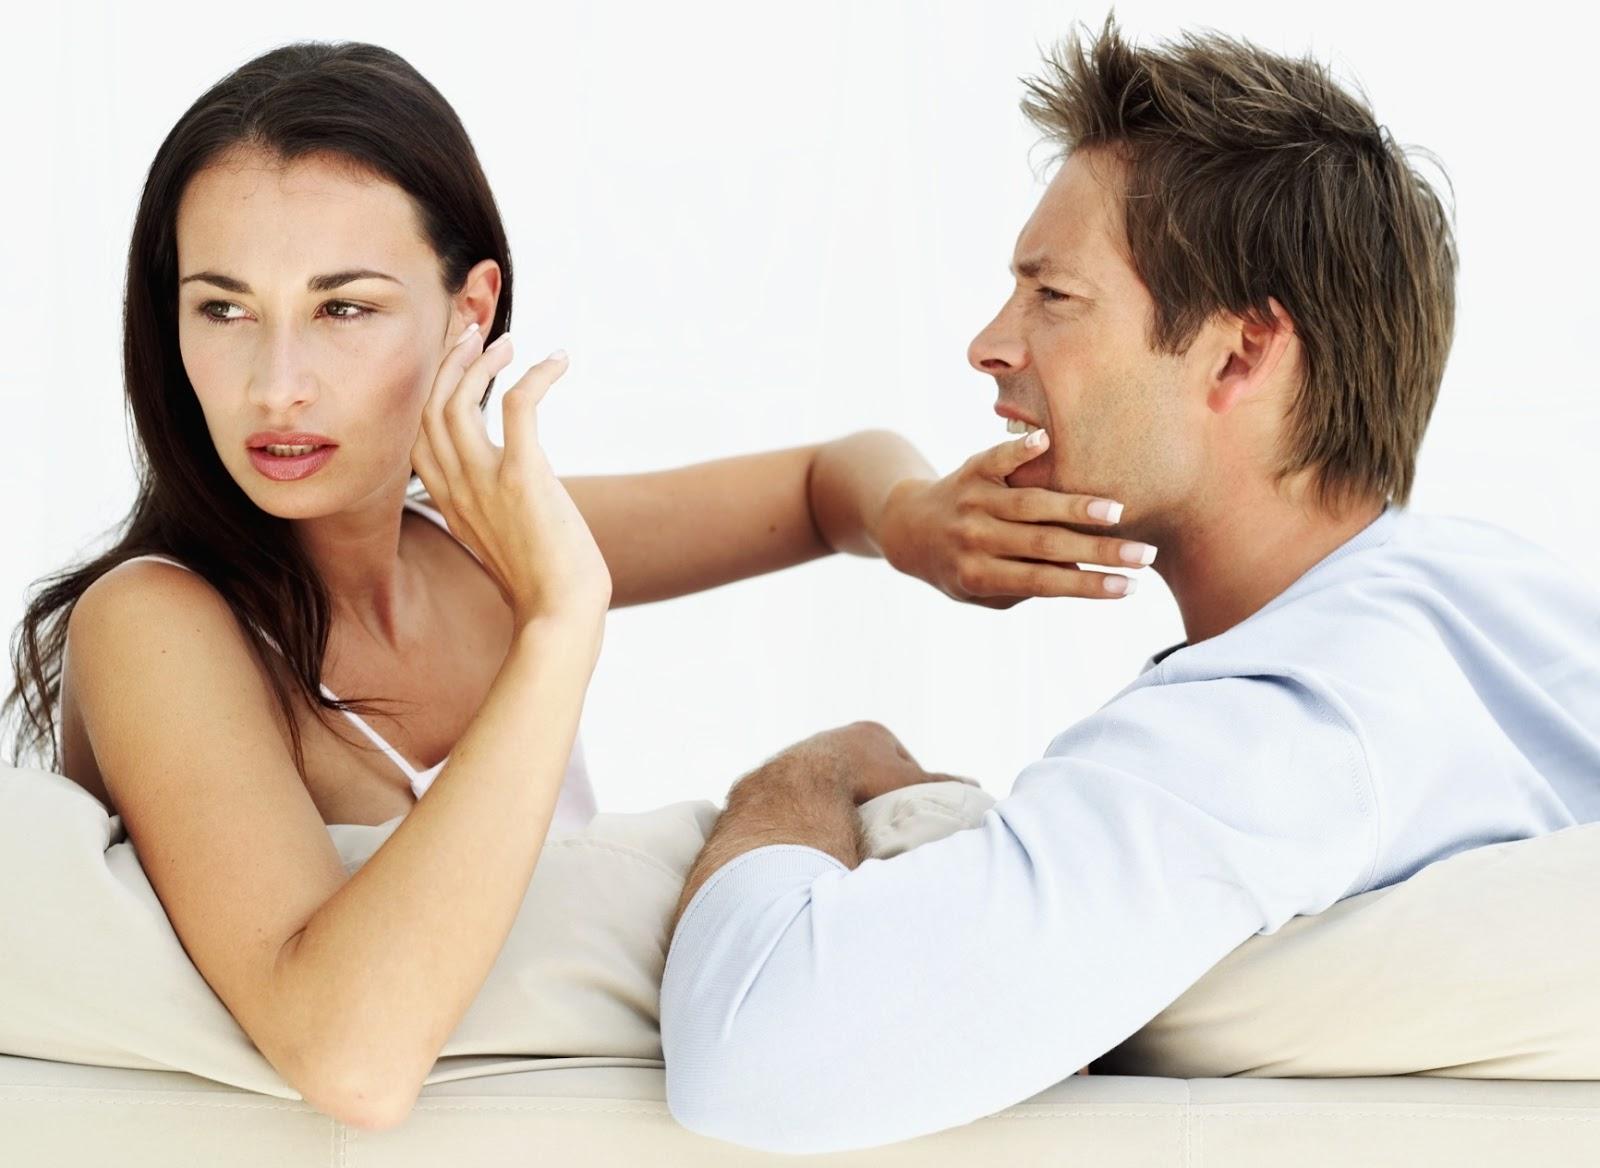 ilişki terapisi nedir, ilişki terapisi uygulanışı, ilişki terapisinin faydaları